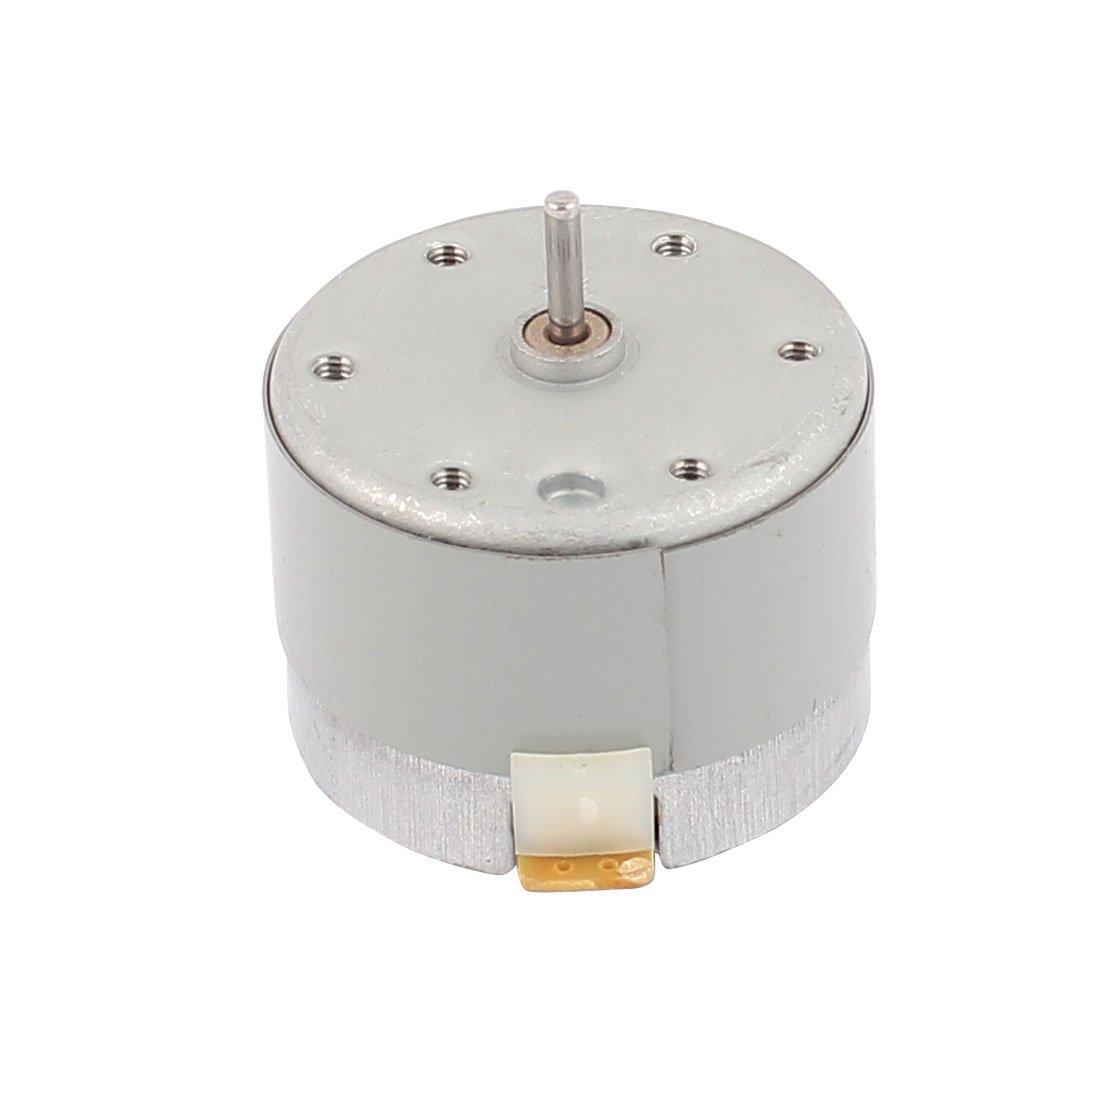 model: F3485IVVIII-4051GK Aexit Mini motor micro permanente del cilindro el/éctrico del di/ámetro del eje de DC 12V 2400RPM 2m m